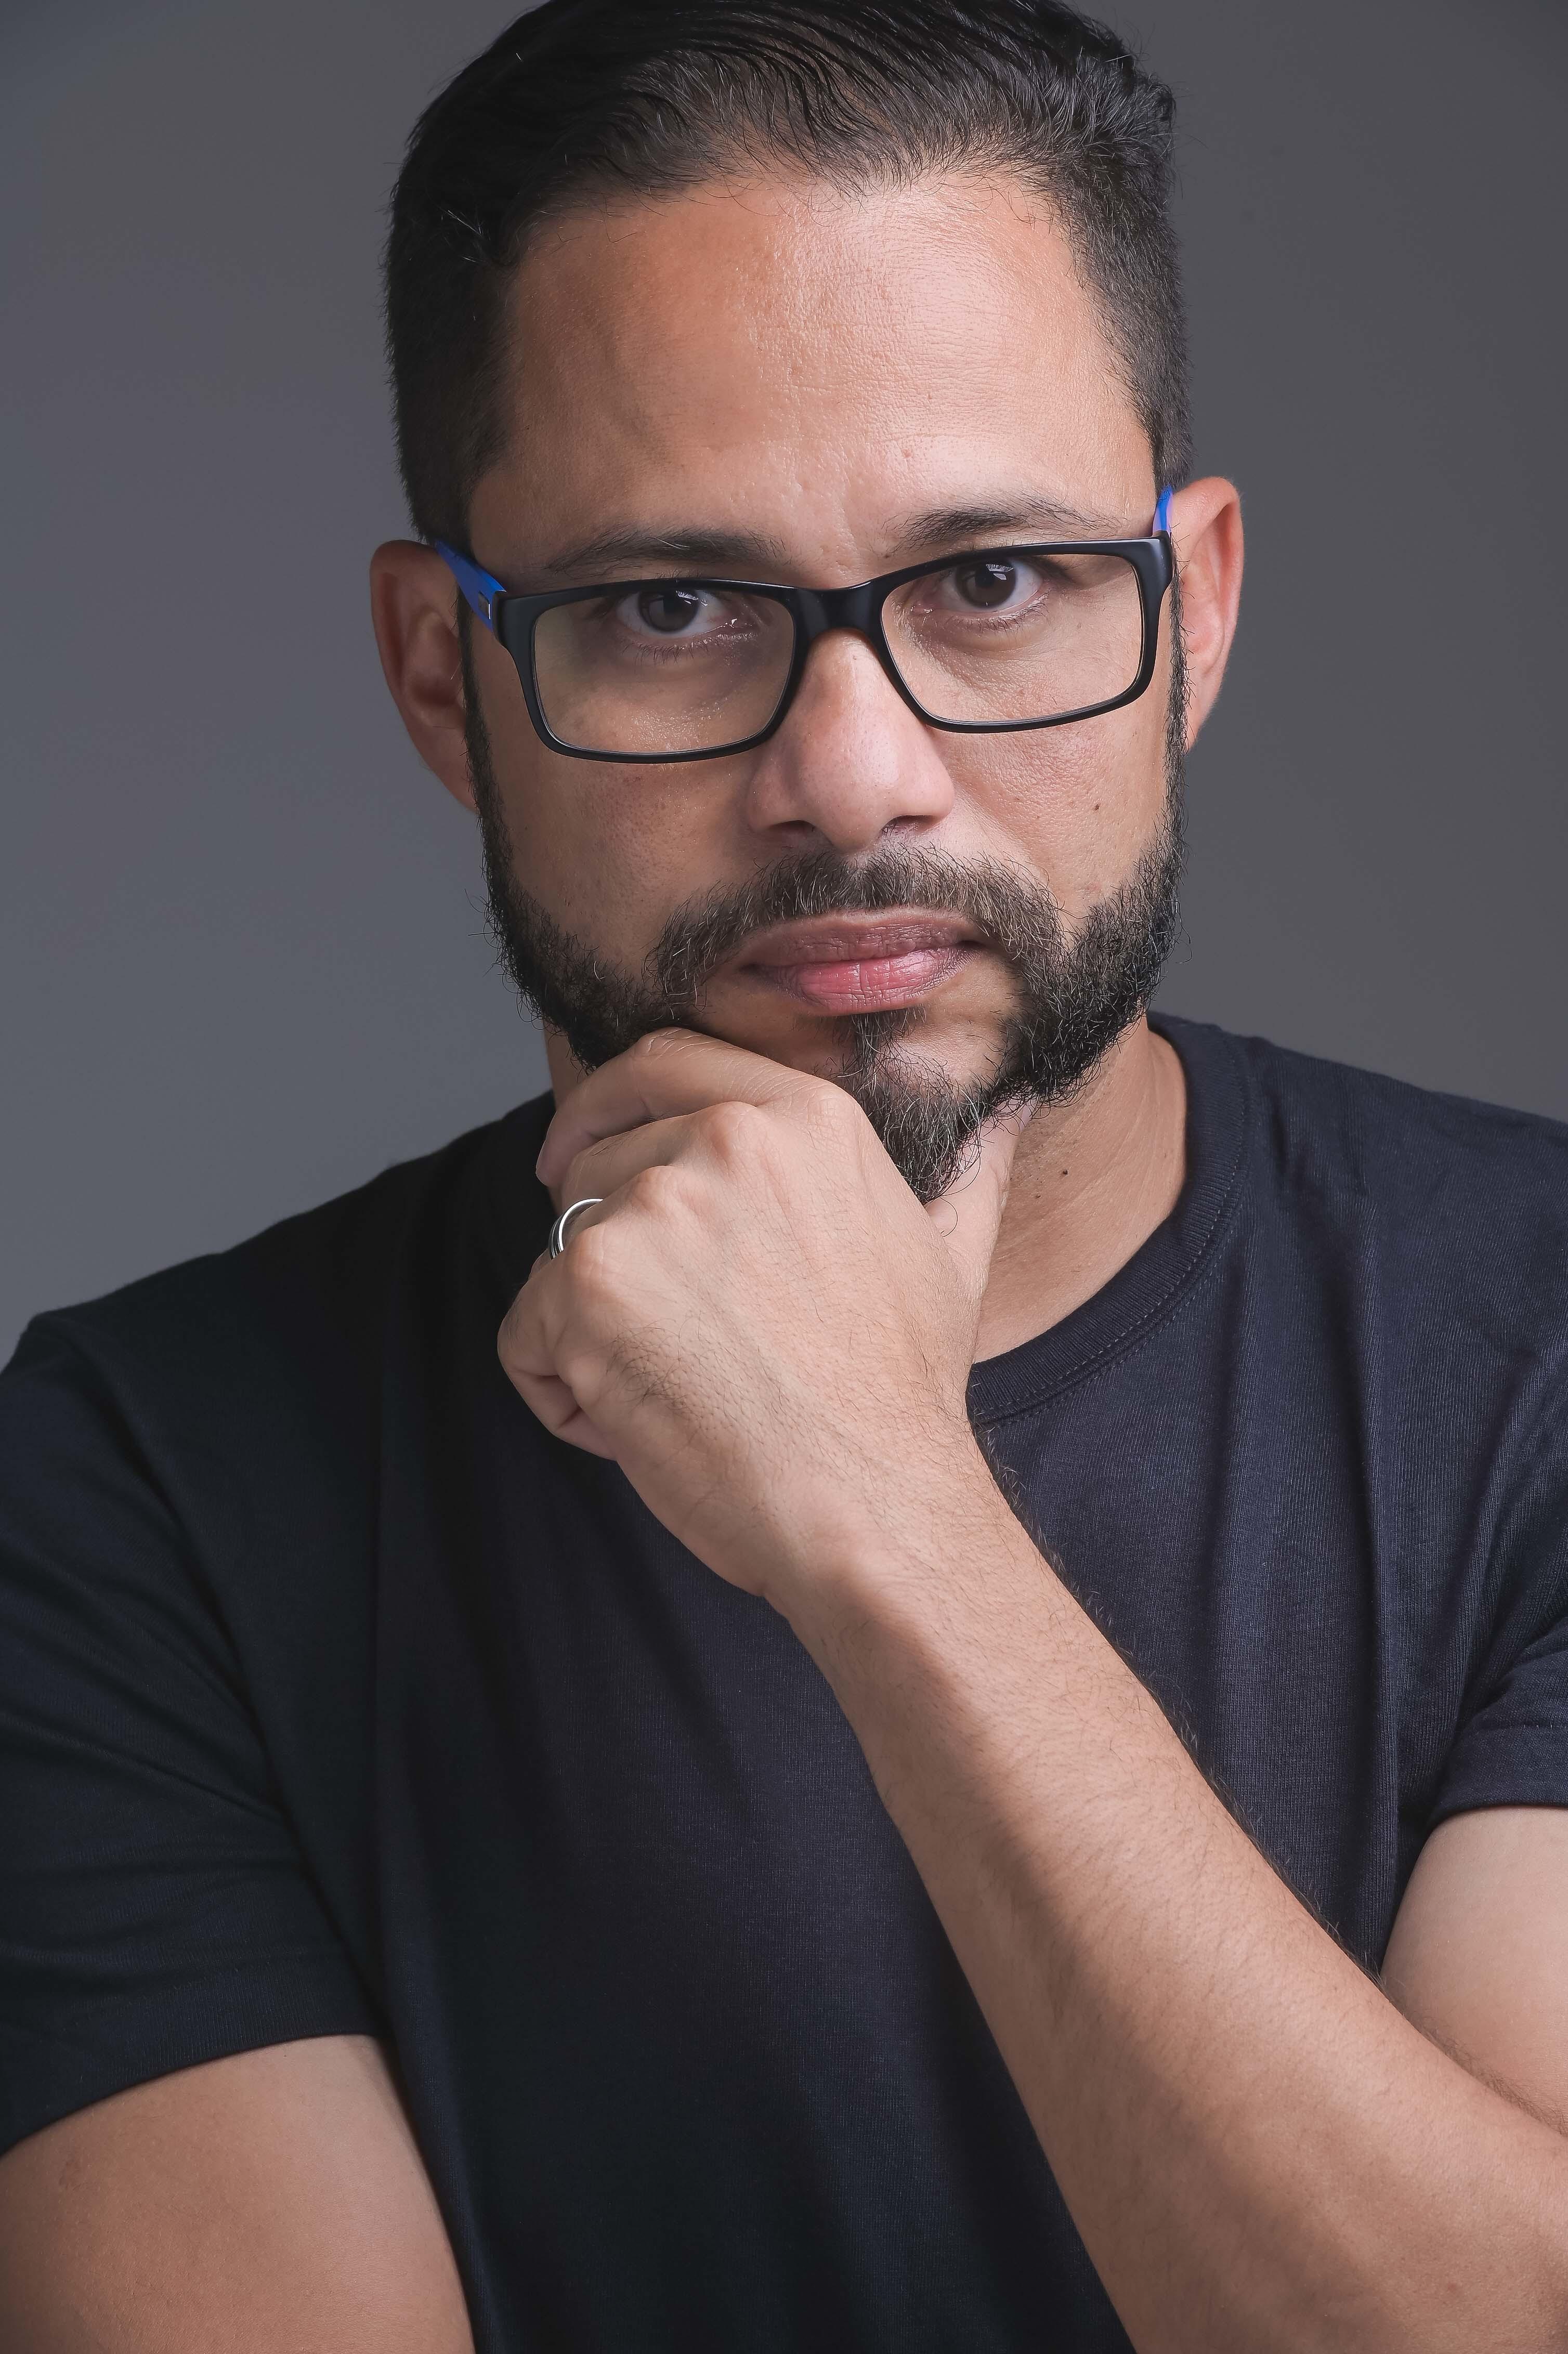 Sobre Jader Souza Fotografia